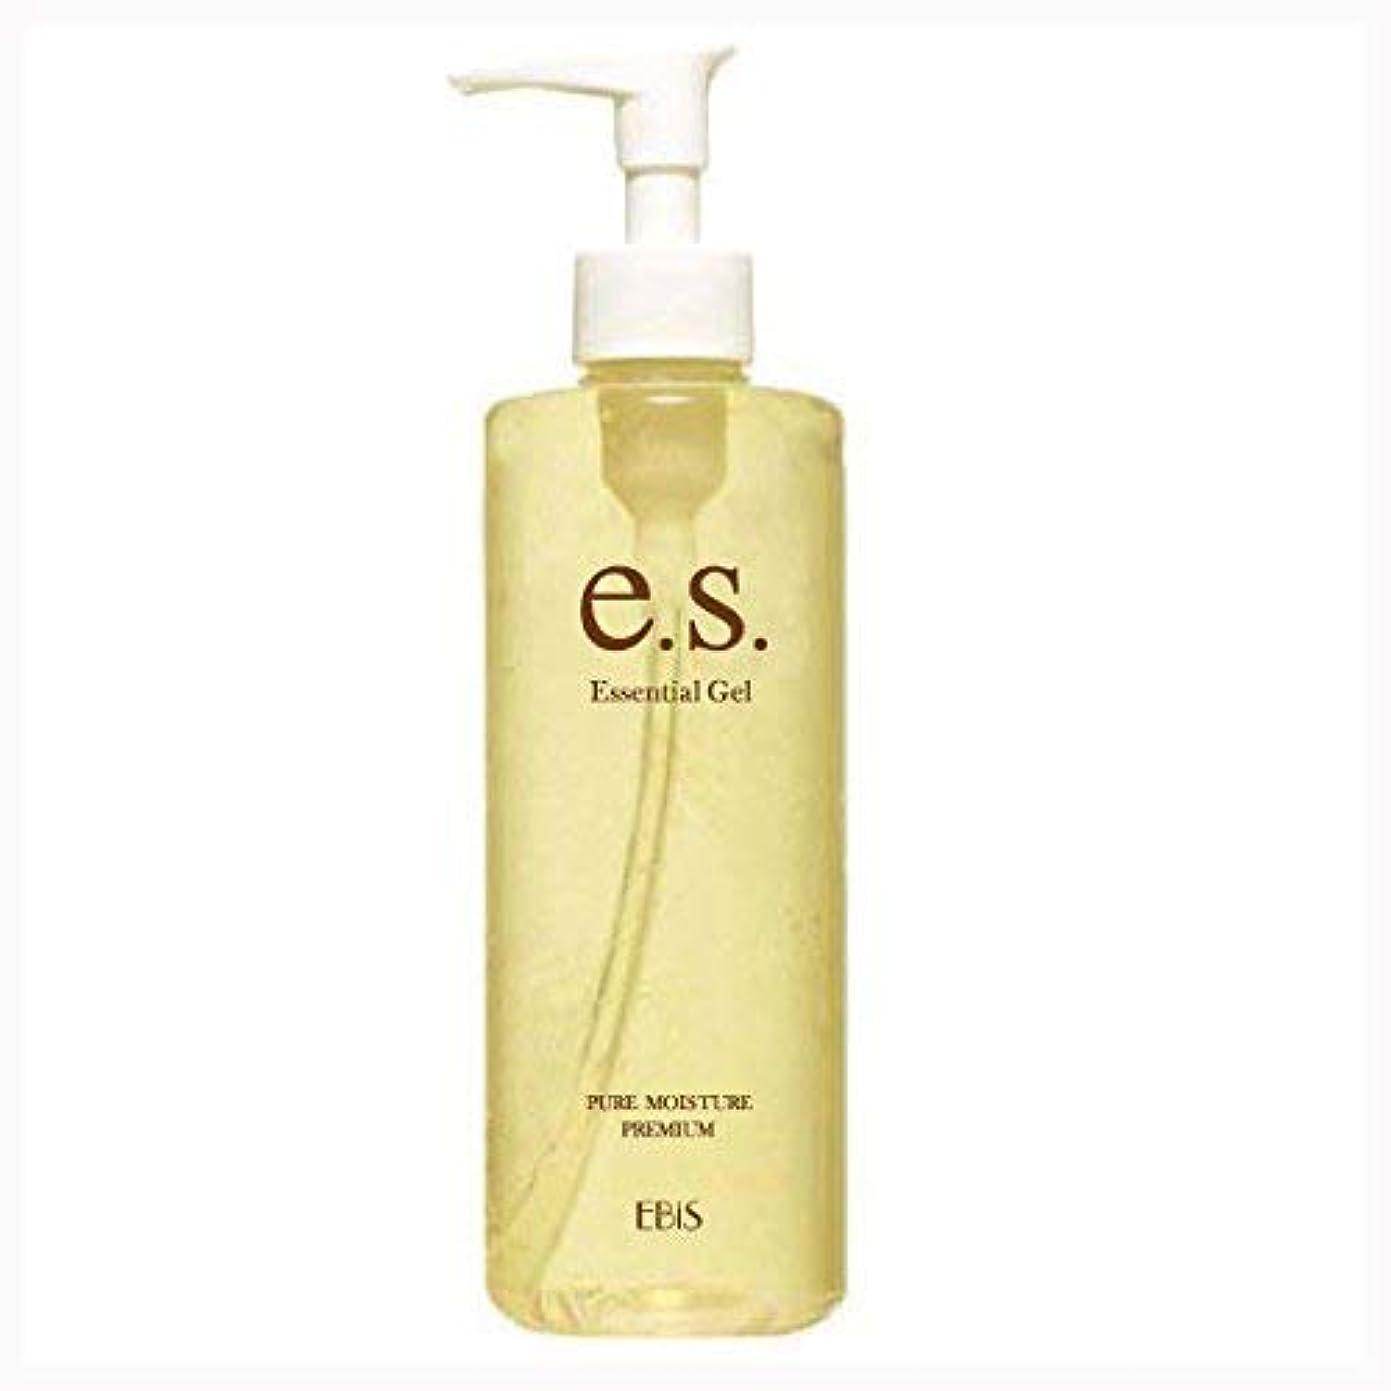 マントル現実作者エビス化粧品(EBiS) イーエスエッセンシャルジェル (310g) 美顔器ジェル 無添加処方 アルコールフリー 日本製 男女兼用 保湿ジェル